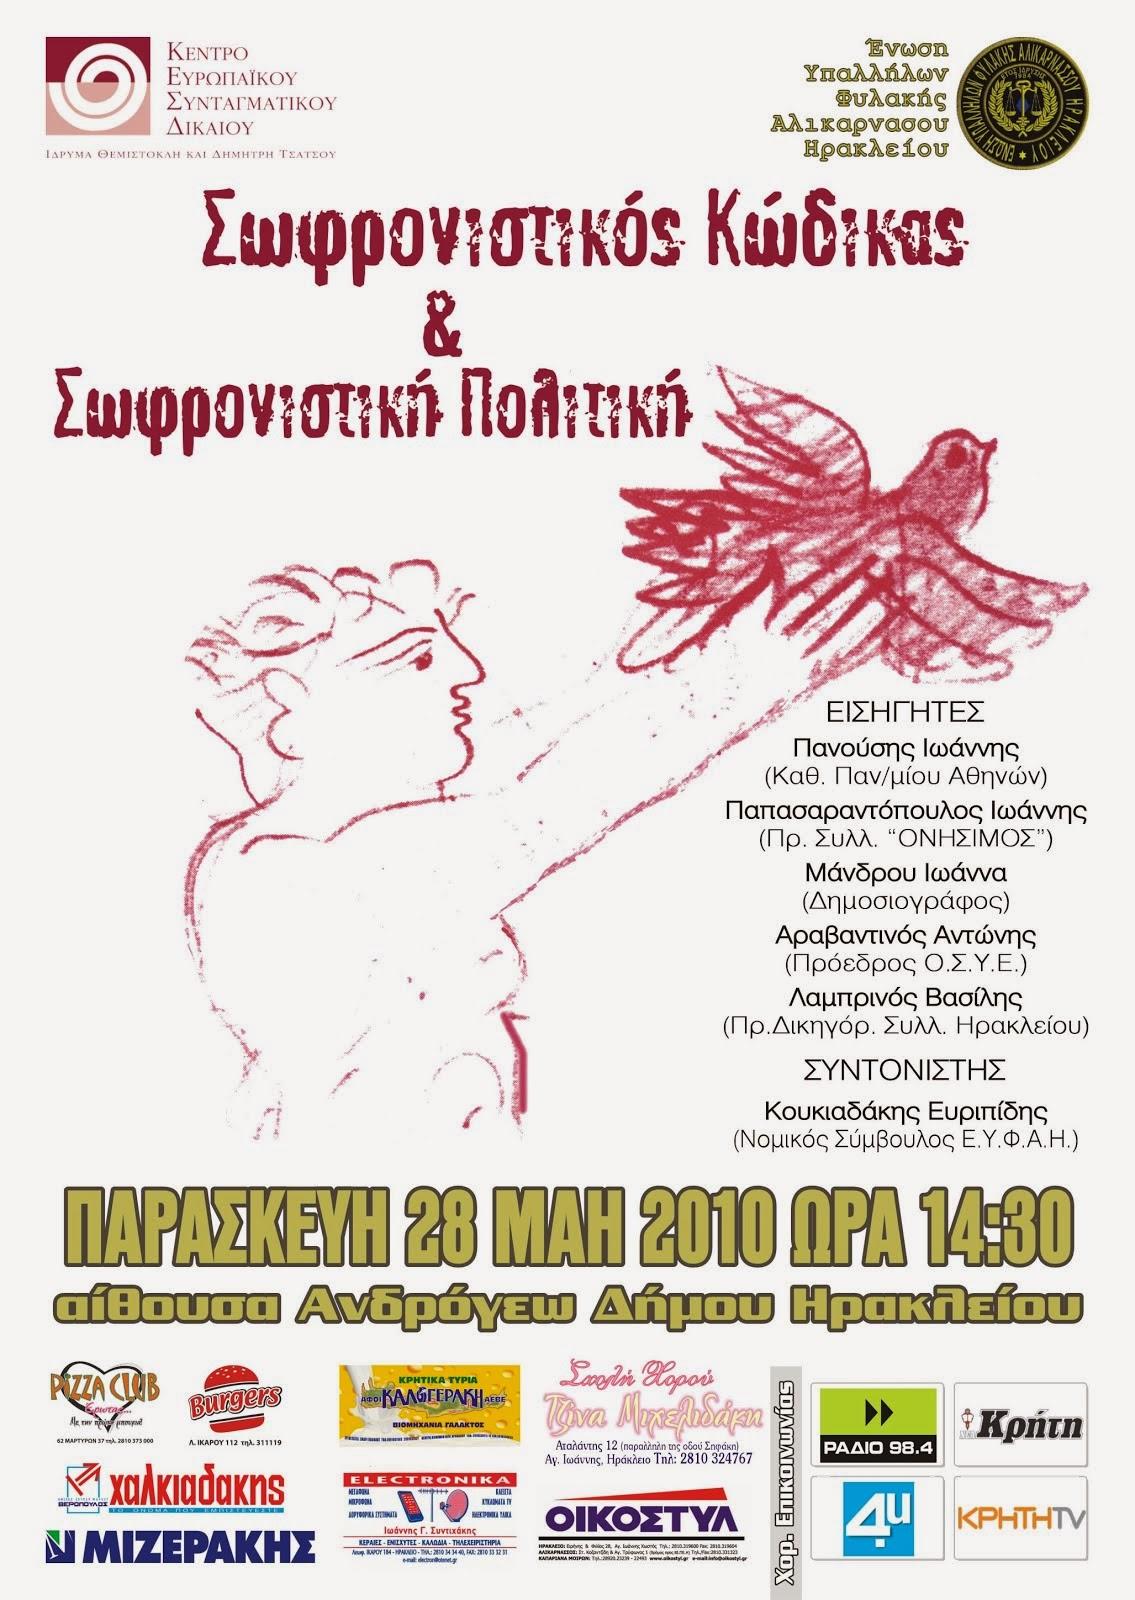 Αφίσα της 1ης Ημερίδας που διοργάνωσε η Ε.Υ.Φ.Α.Η (Παρασκευή 28/5/2010)